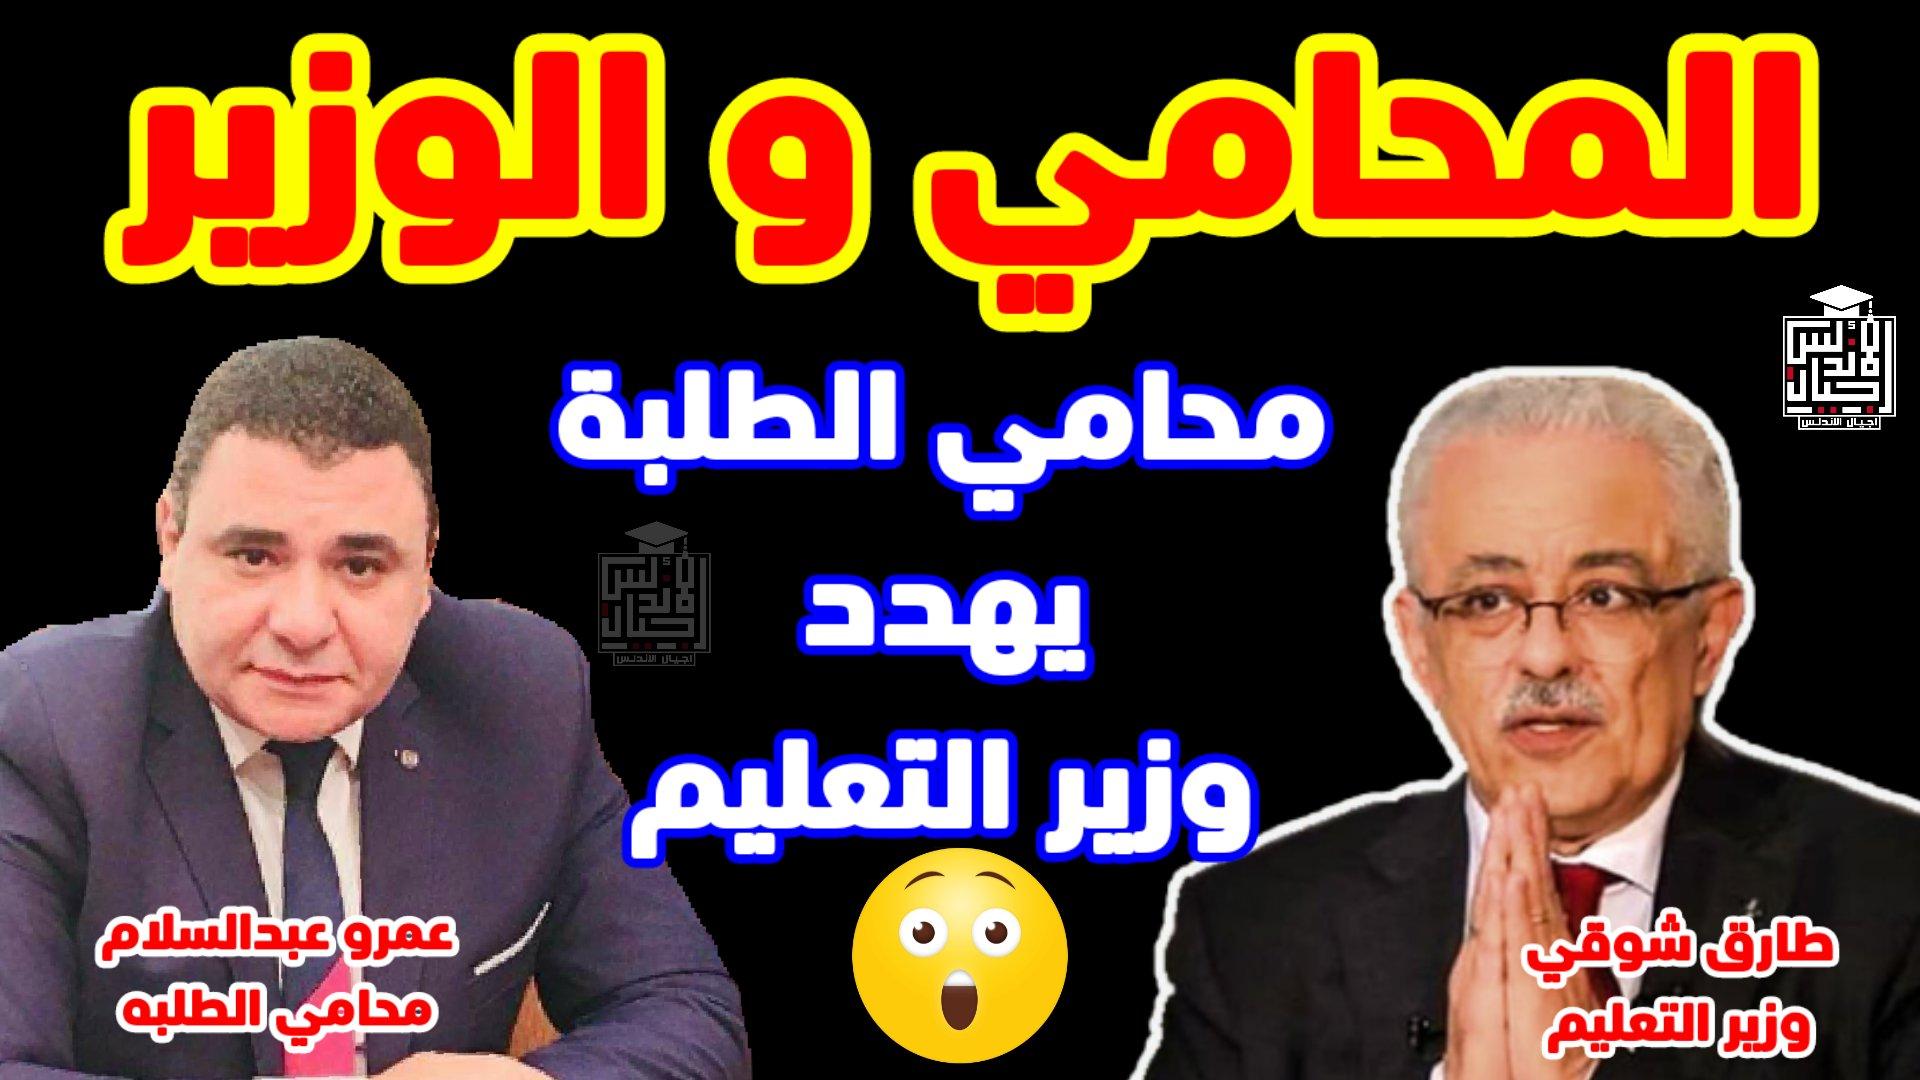 المحامي والوزير - محامي الطلبه عمرو عبد السلام يهدد ويحذر وزير التعليم - اجيال الاندلس